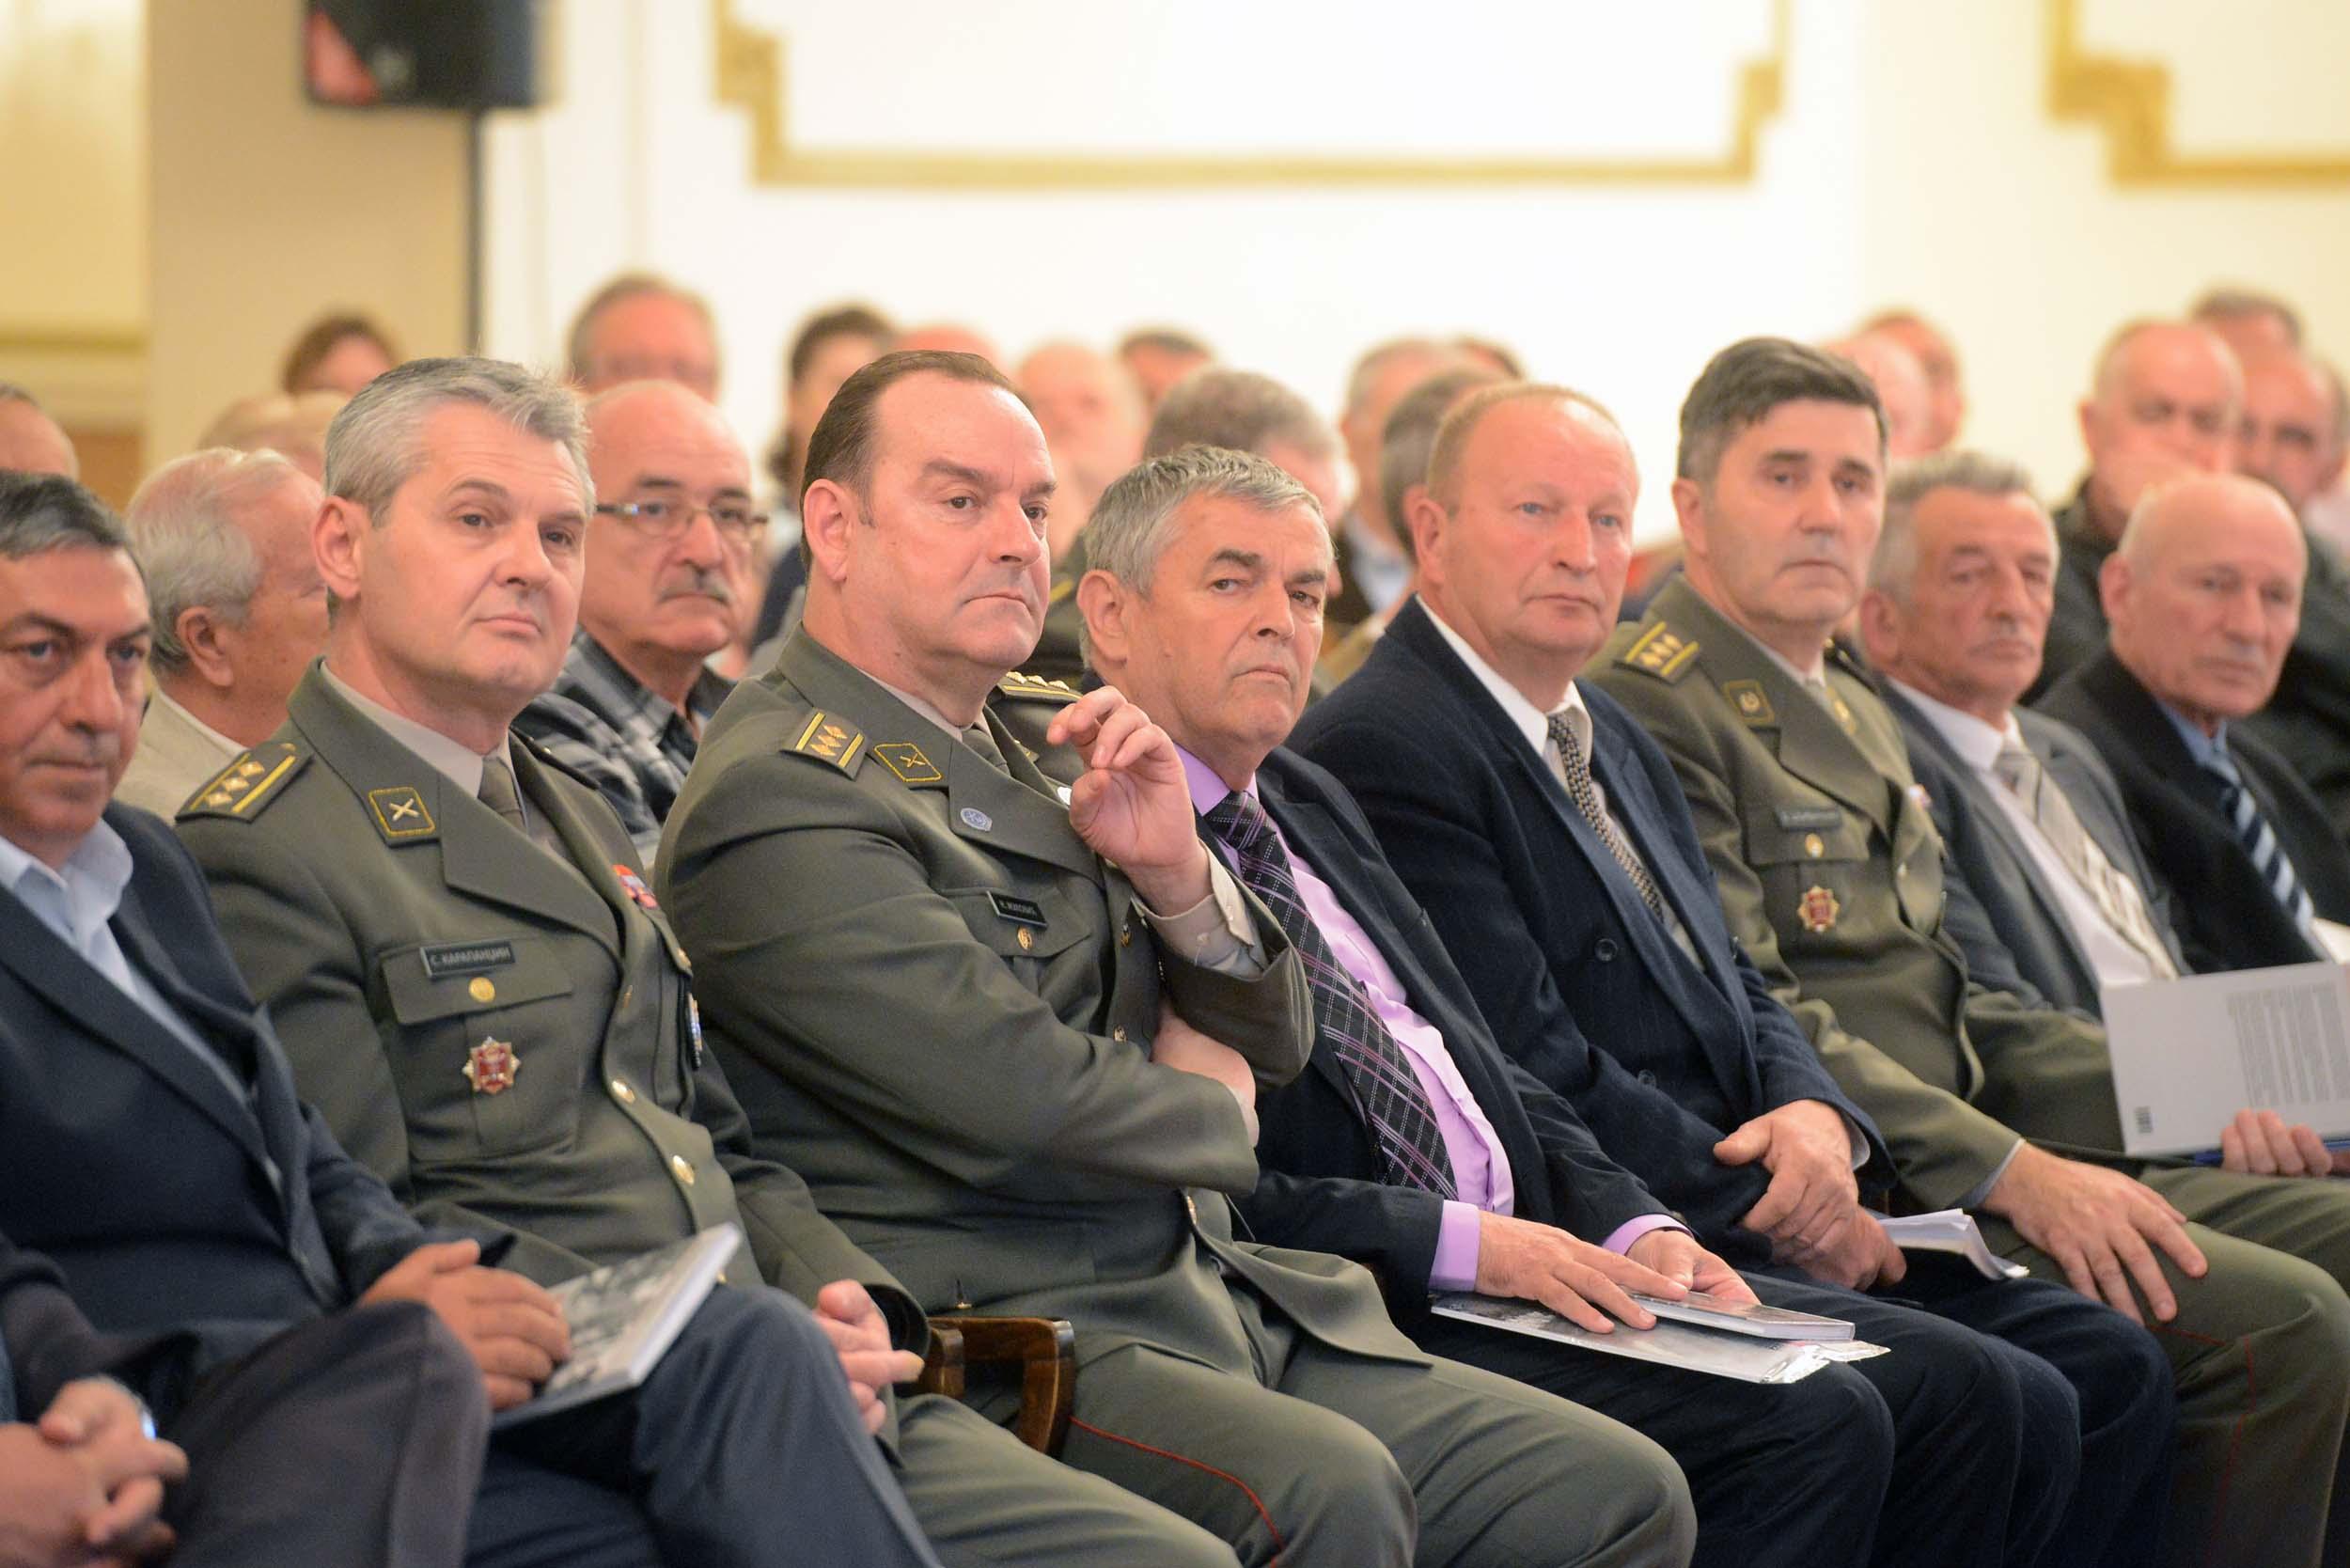 Генерал Павковић: Сигуран сам да смо испунили све задатке који су пред нас били постављени